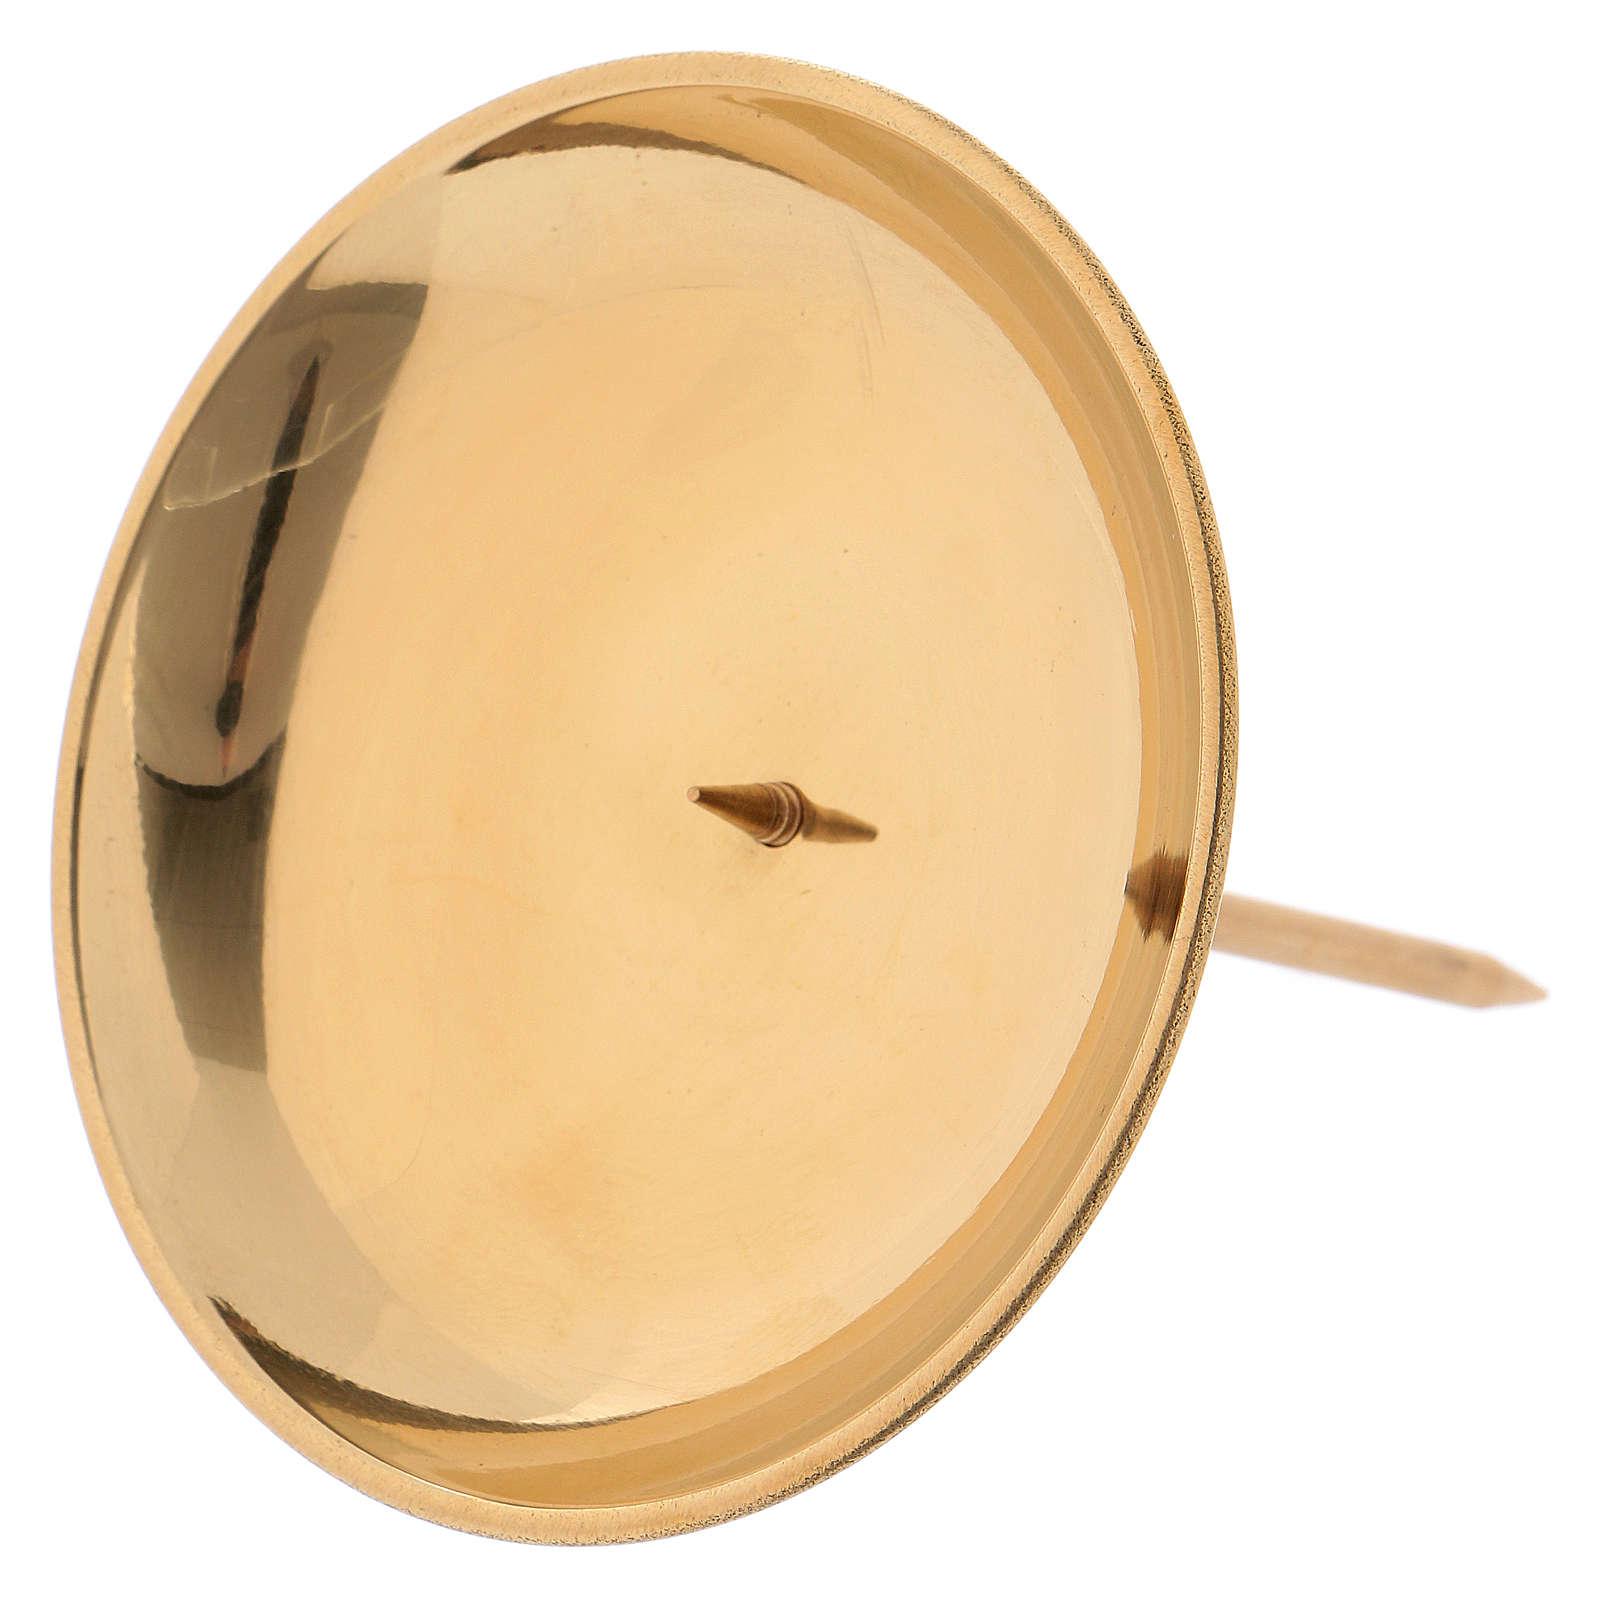 Portacandela con spuntone per avvento ottone dorato lucido 3